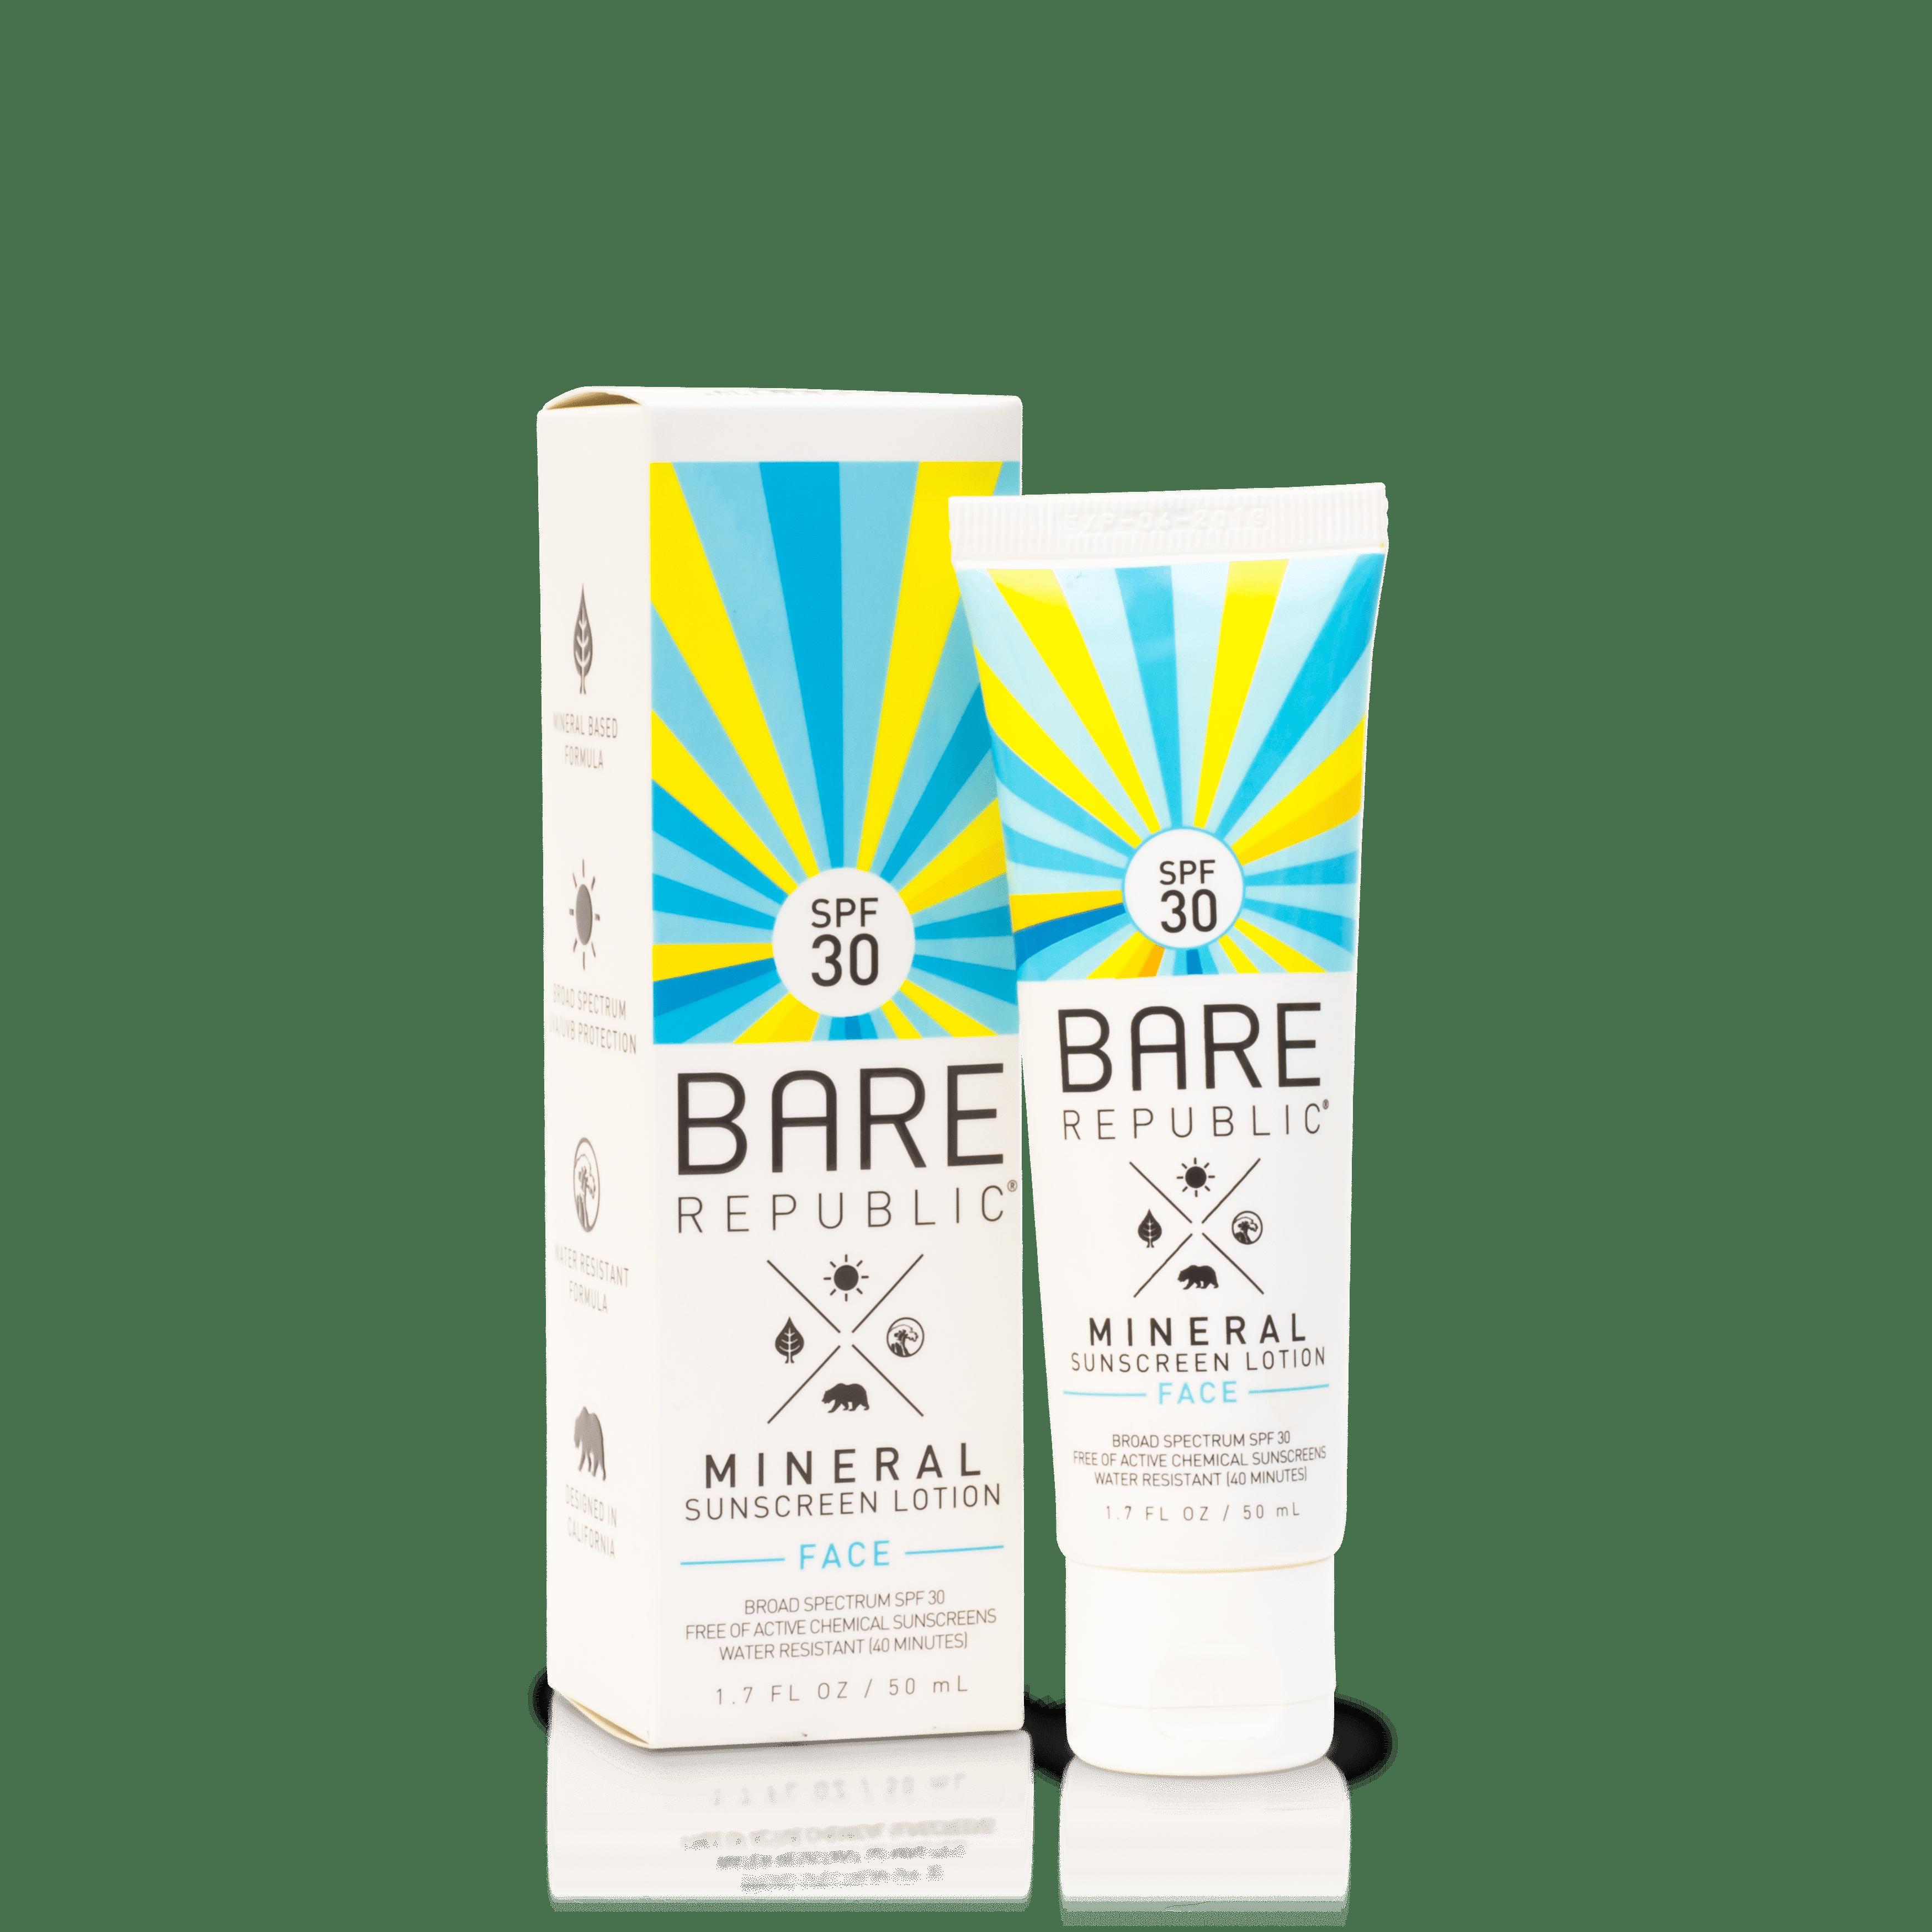 Bare Republic Mineral SPF 30 Face Sunscreen Lotion, 1.7 Oz.